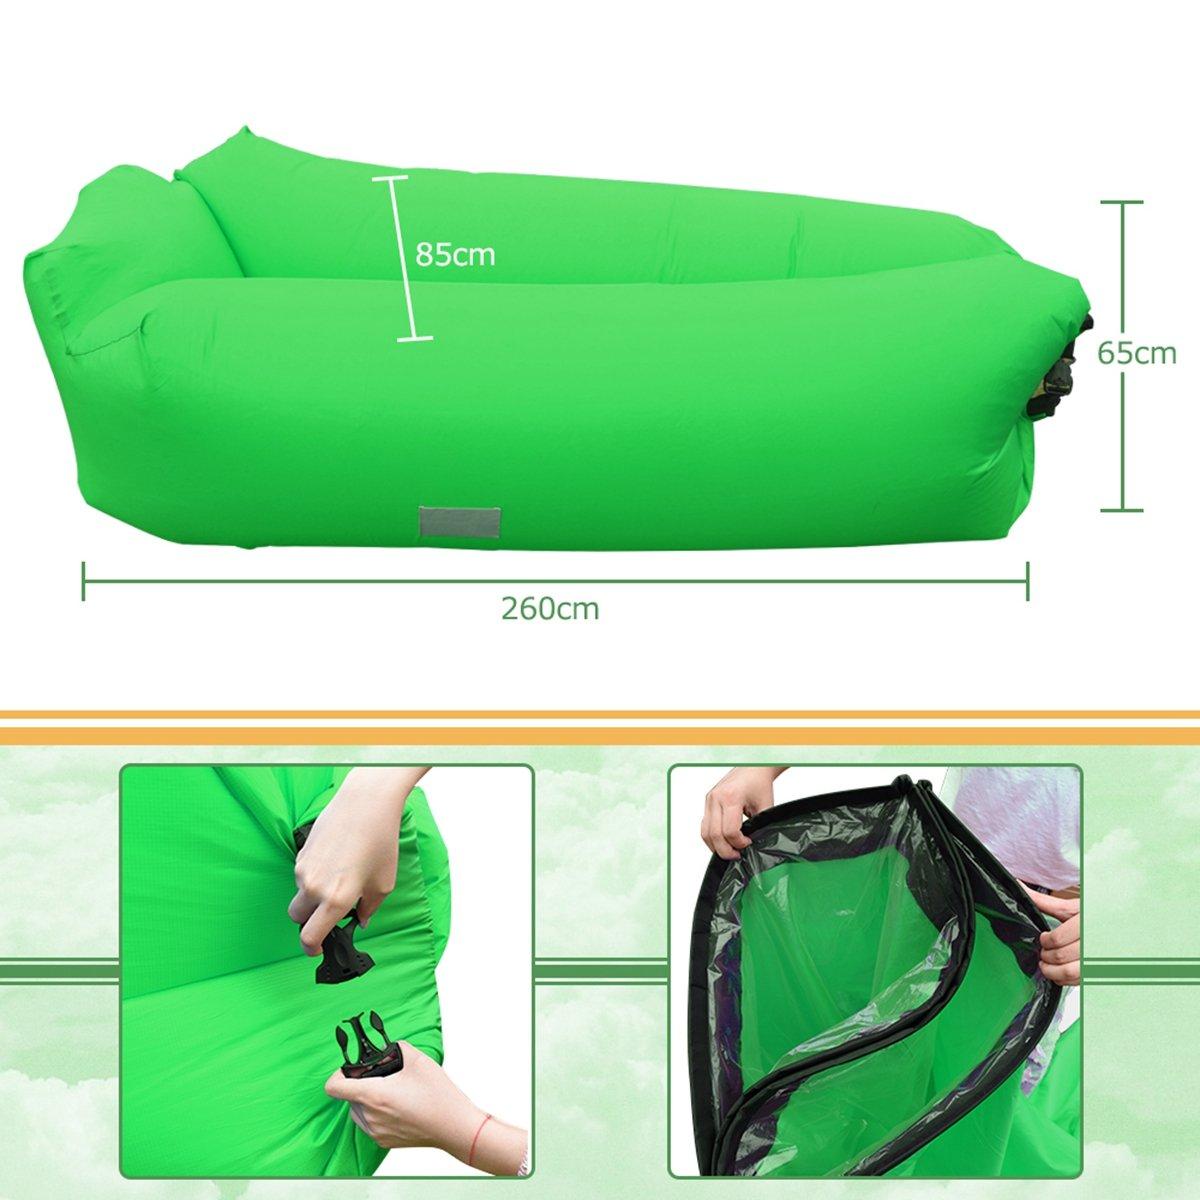 Portatile Impermeabile 210T Divano Gonfiabile Pneumatico Poliestere per Piscina Cpiaggia Verde IREGRO Divano Gonfiabile con Cuscino Integrato e Borsa Campeggio